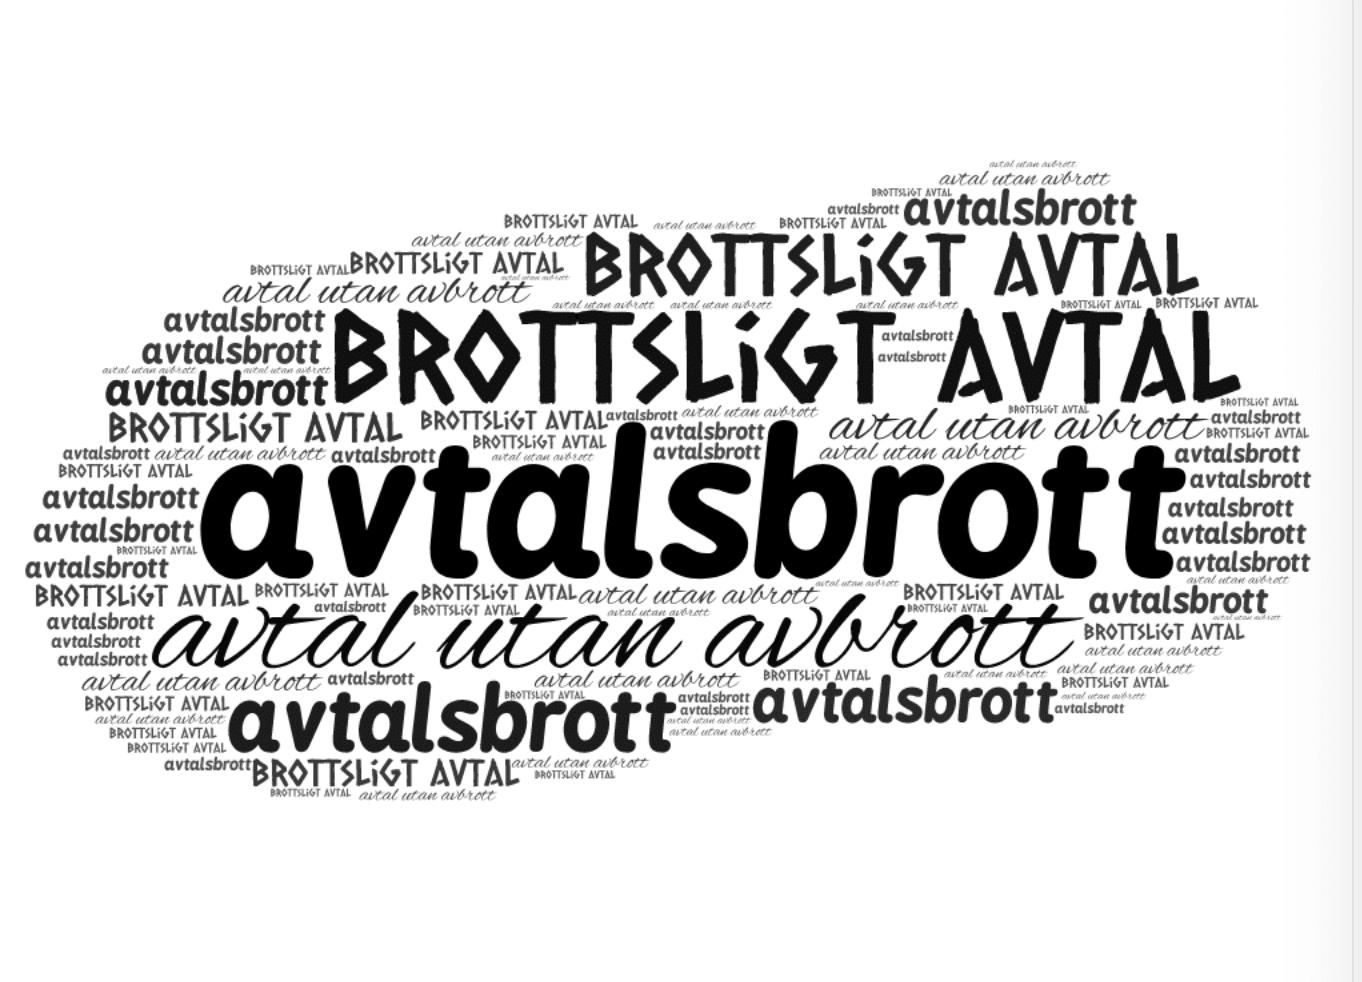 Avtalsbrott wordart